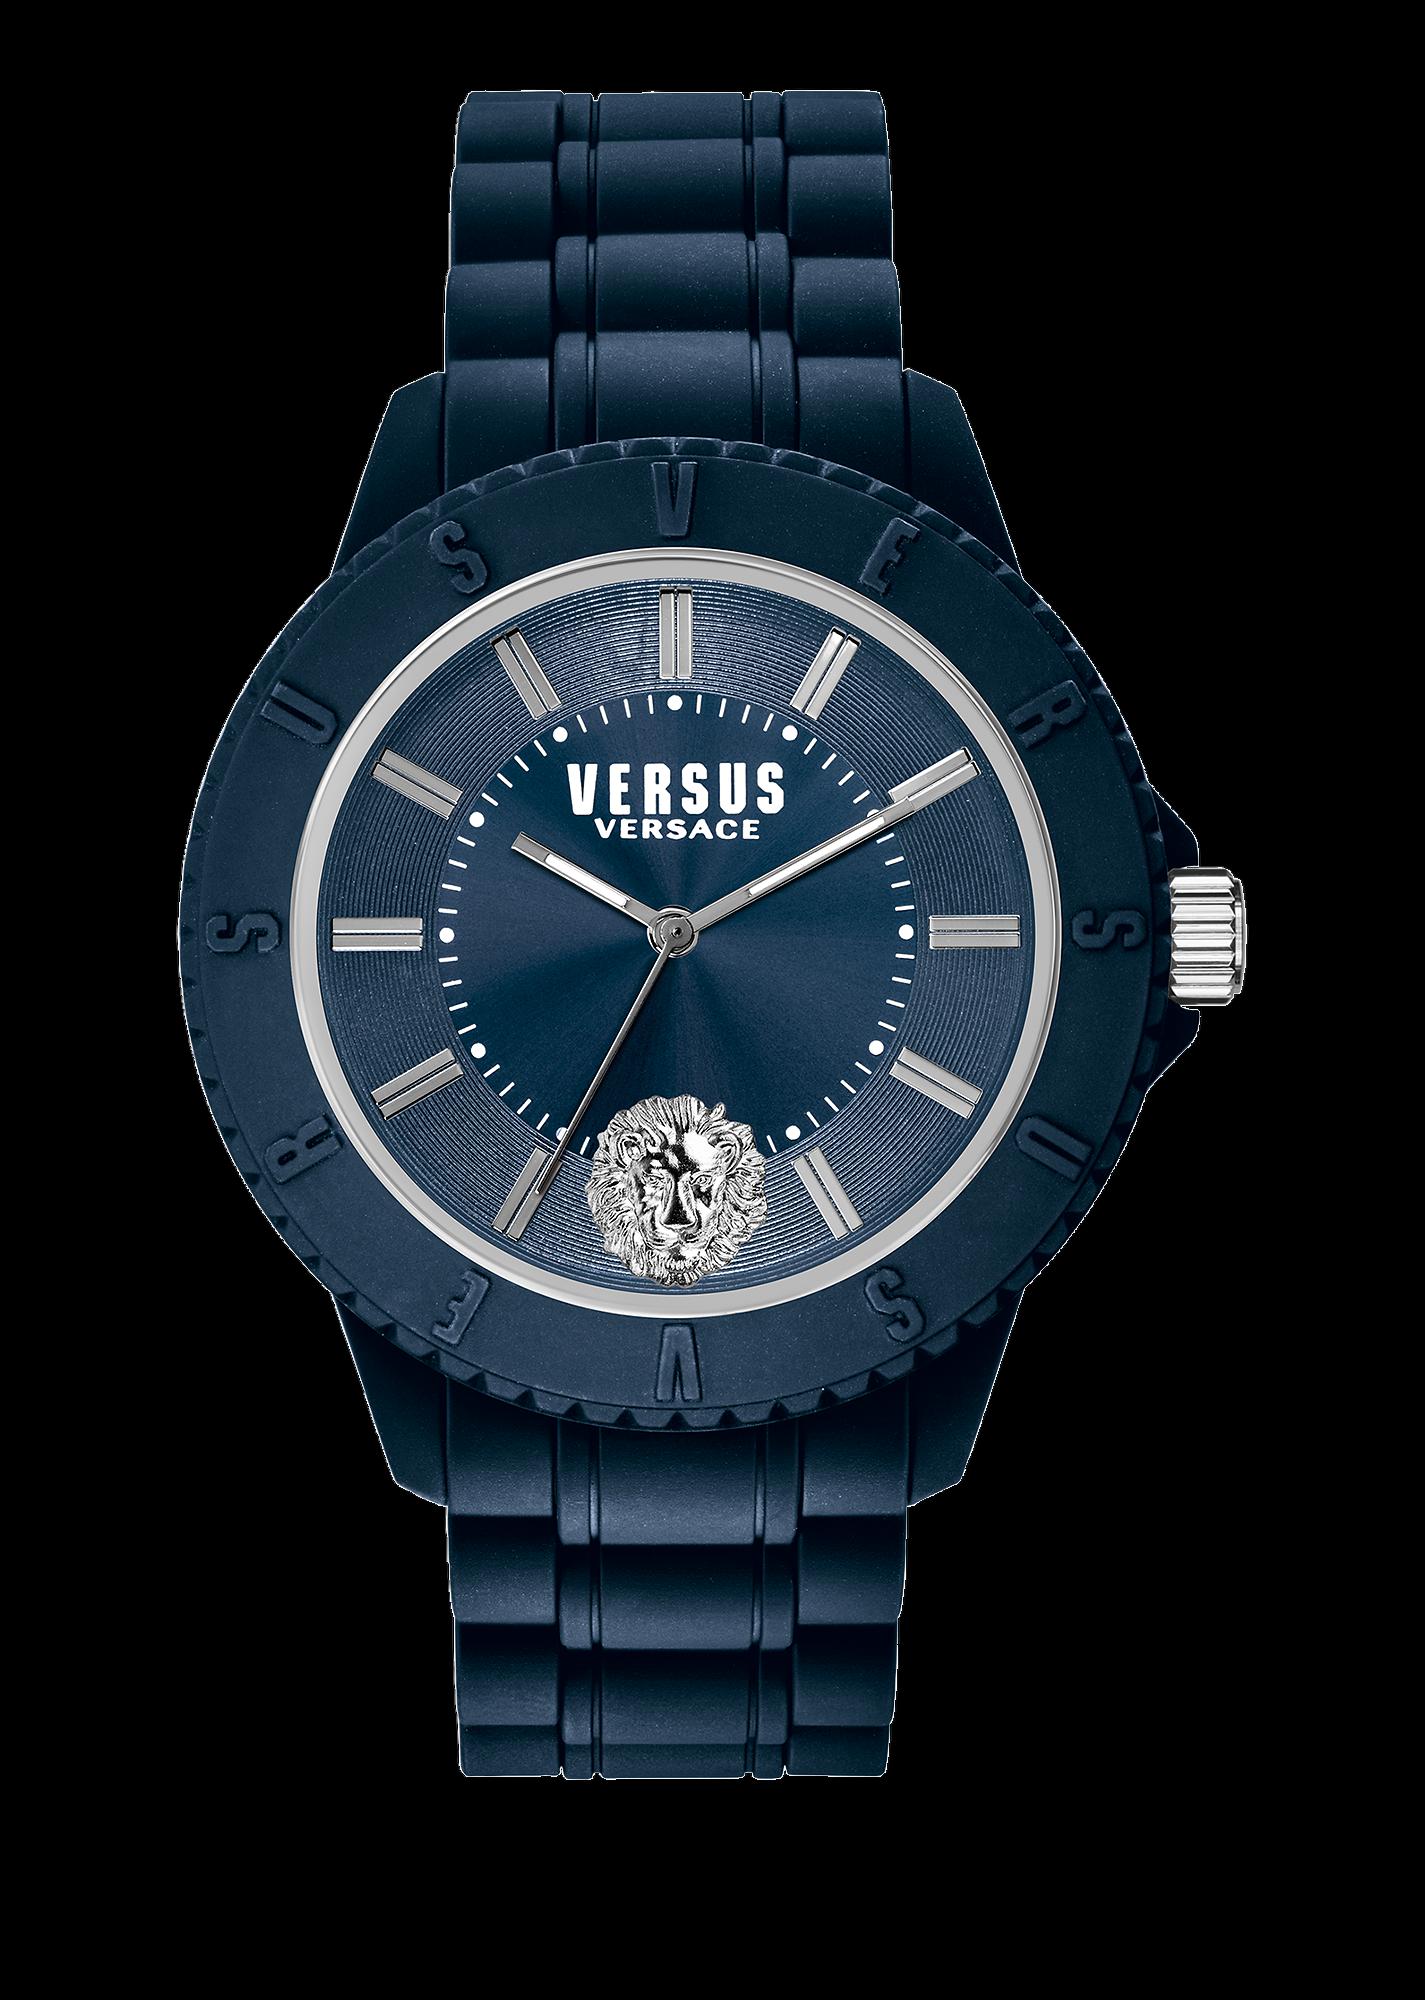 versus versace tokyo r blue dial watch for men official website tokyo r blue dial watch versus watches